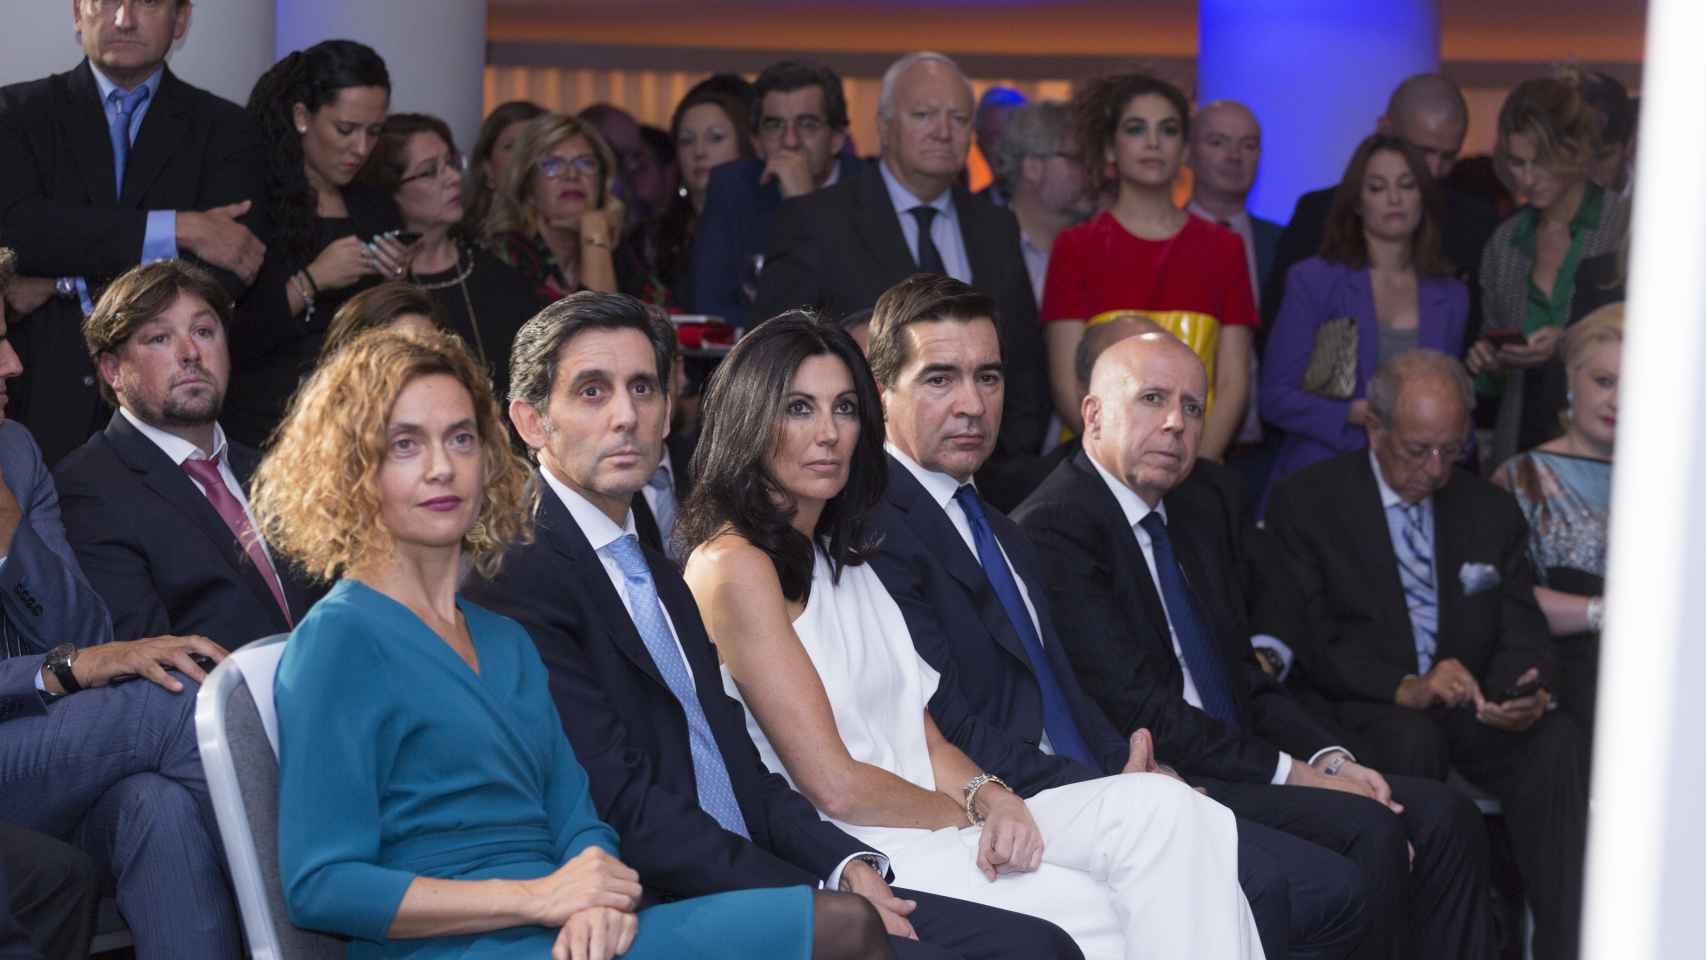 De izquierda a derecha: Meritxell Batet, ministra de Política Territorial y Función Pública; José María Álvarez-Pallete, presidente de Telefónica;  Eva Fernández, consejera delegada de EL ESPAÑOL; y Carlos Torres, consejero delegado del BBVA.